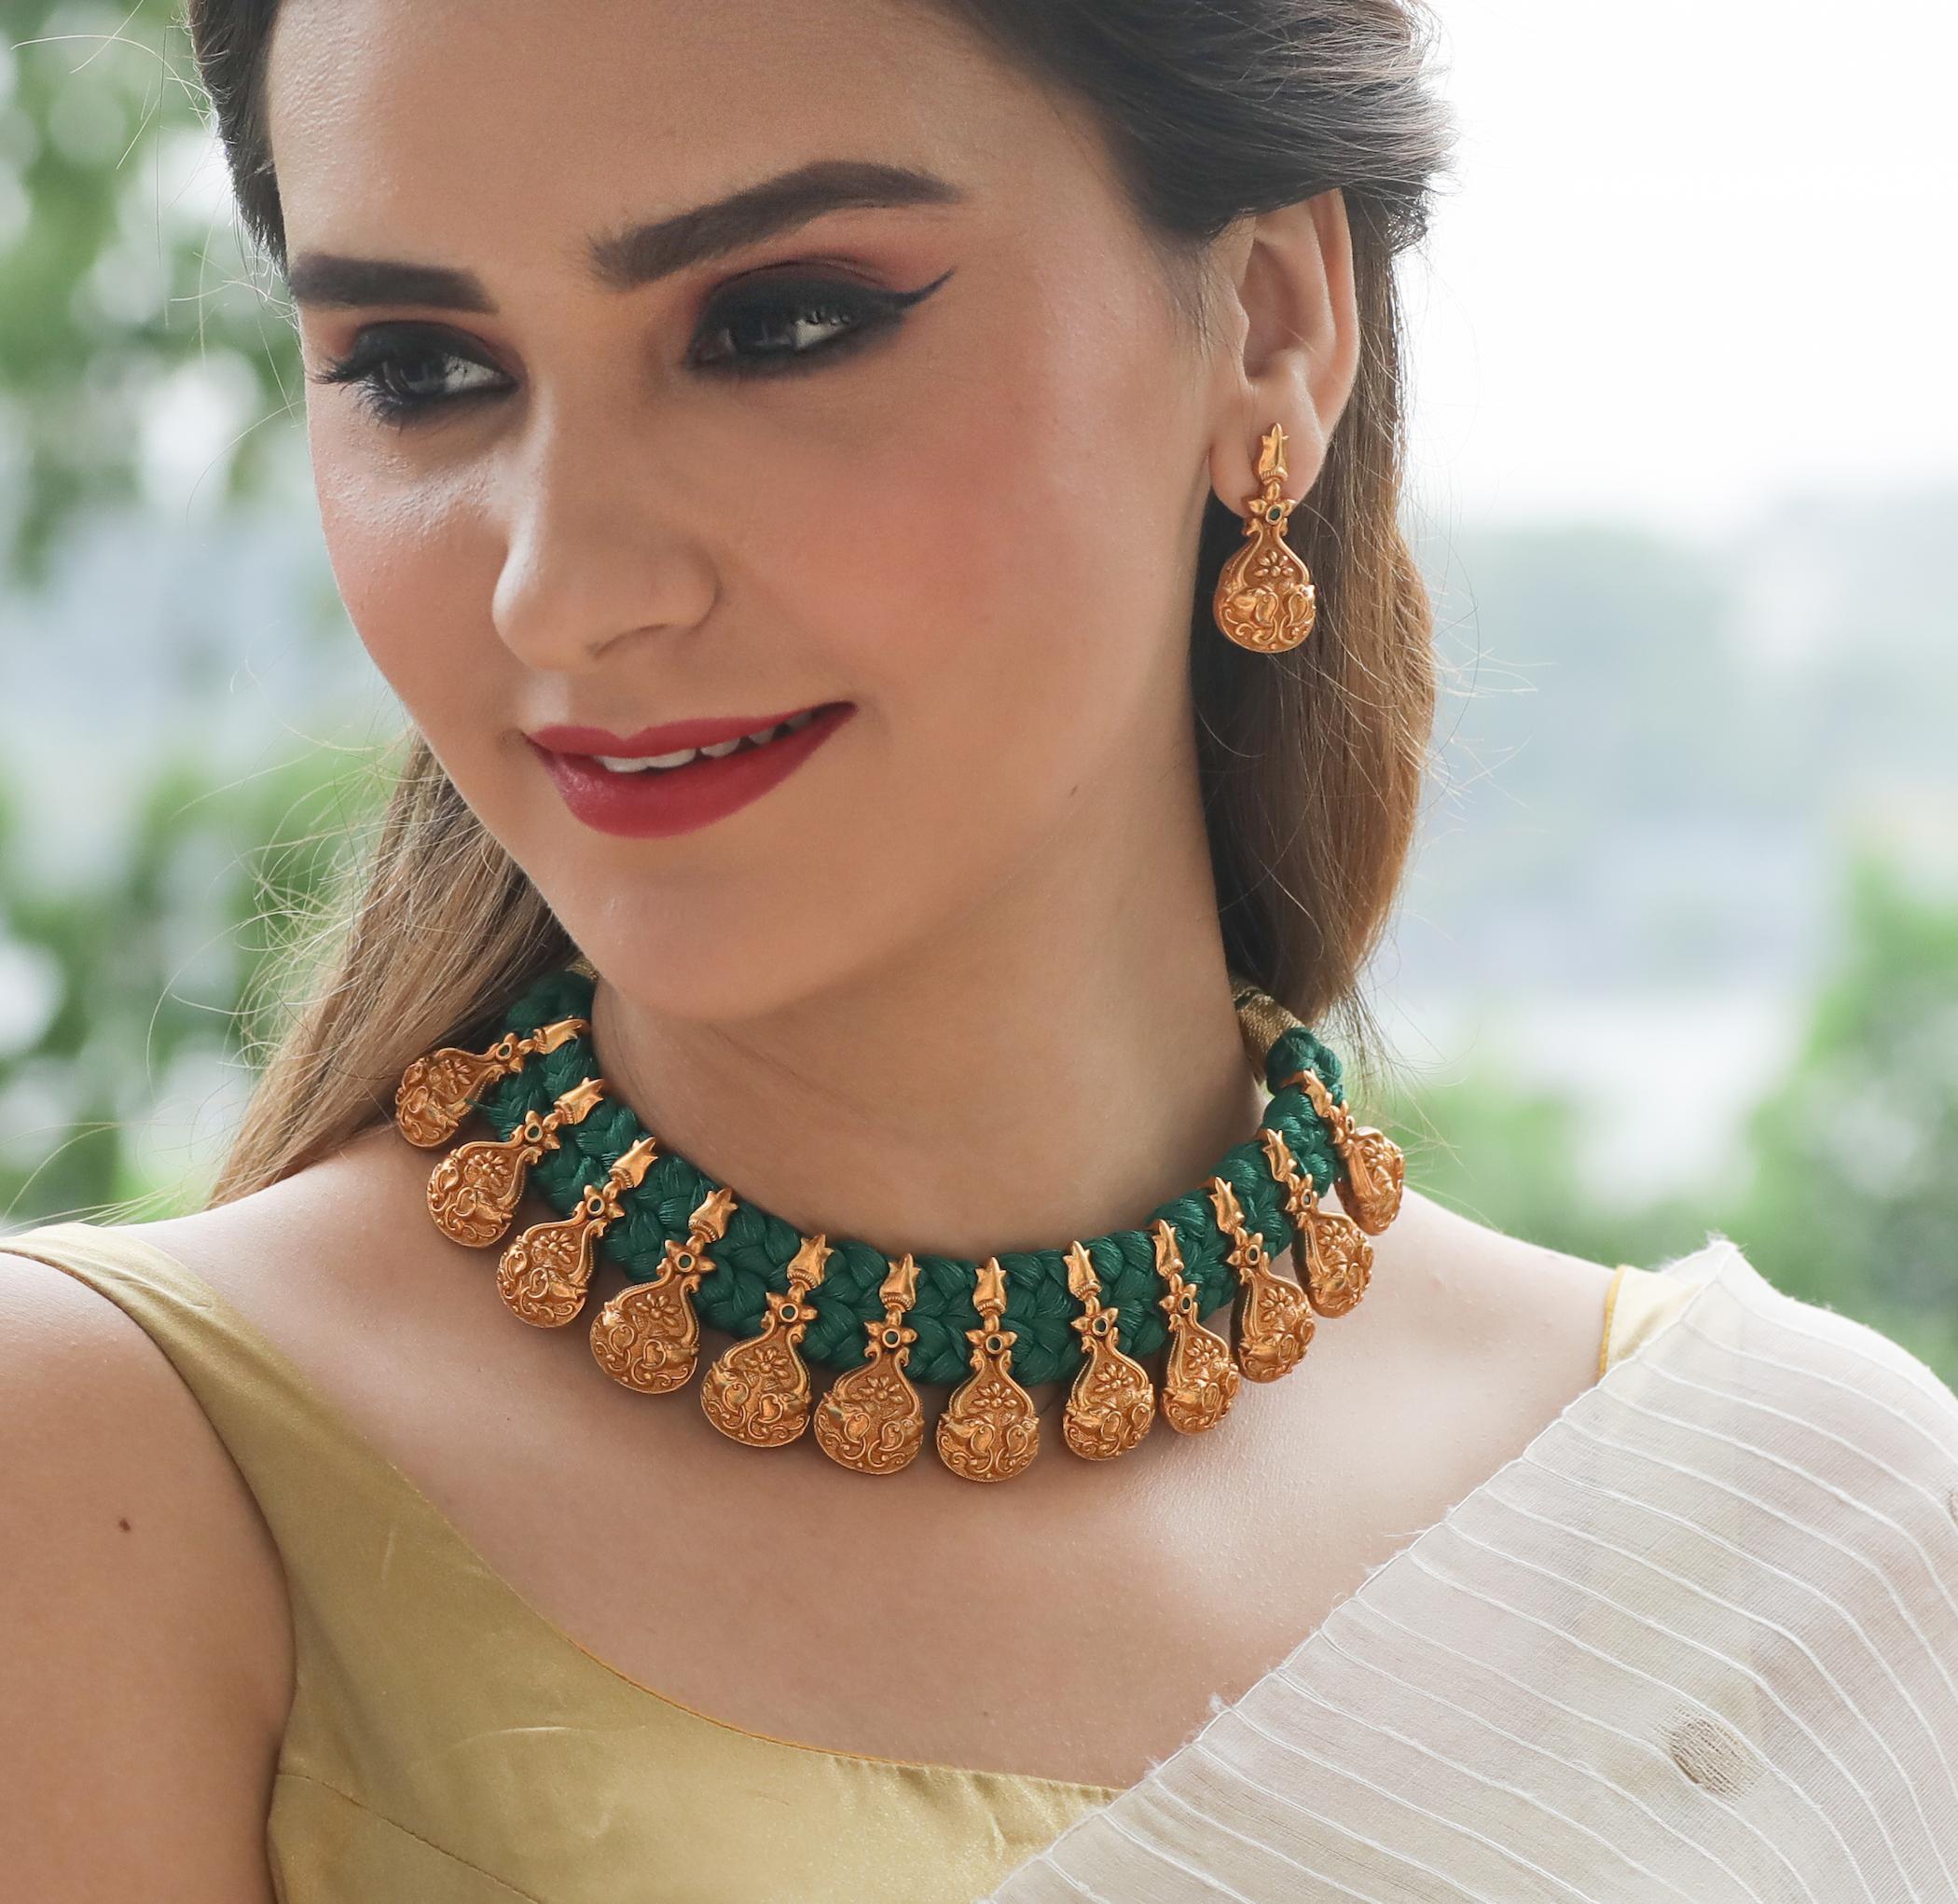 Decorative Threaded Necklace From Tarinika